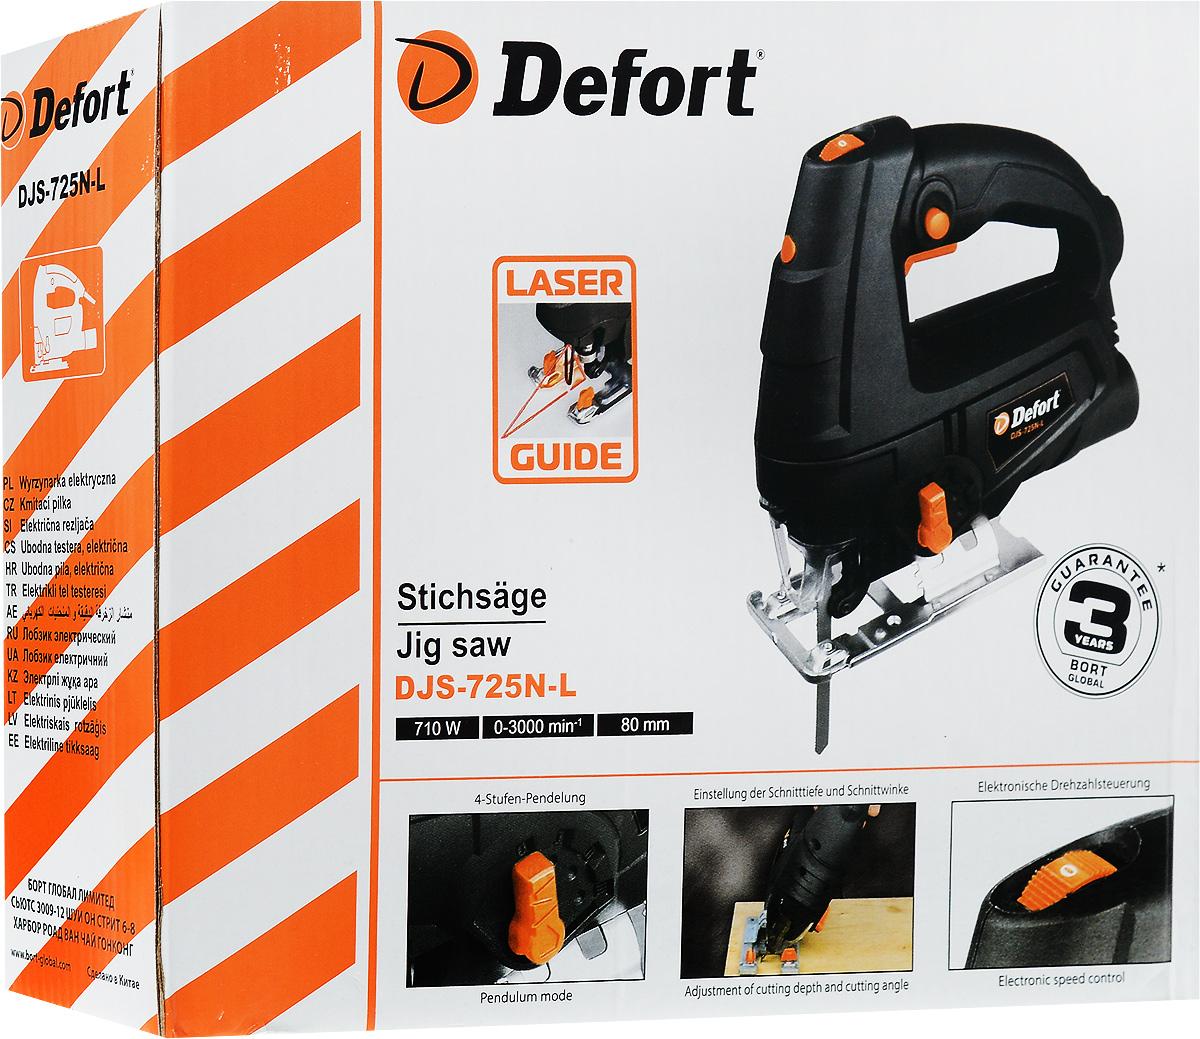 Лобзик электрический Defort DJS-725N-L, цвет: черный, оранжевый10000000172Defort DJS-725N-L - это отличный инструмент для прямых, наклонных и фигурных резов в быту и на даче. Мощность двигателя 710 Вт – как и у многих профессиональных лобзиков, этой мощности вполне достаточно для основных работ. Недорогой, но в тоже время довольно функциональный лобзик. Имеются присущие профессиональным моделям регулировка скорости, маятниковый режим и даже лазерная направляющая. Если скорость работы нужно ускорить, а точность и чистота пропила не важна, то пригодится маятниковый режим. С его помощью можно значительно сократить время распила. Для более точного позиционирования лобзика на поверхности служит лазерный прицел.